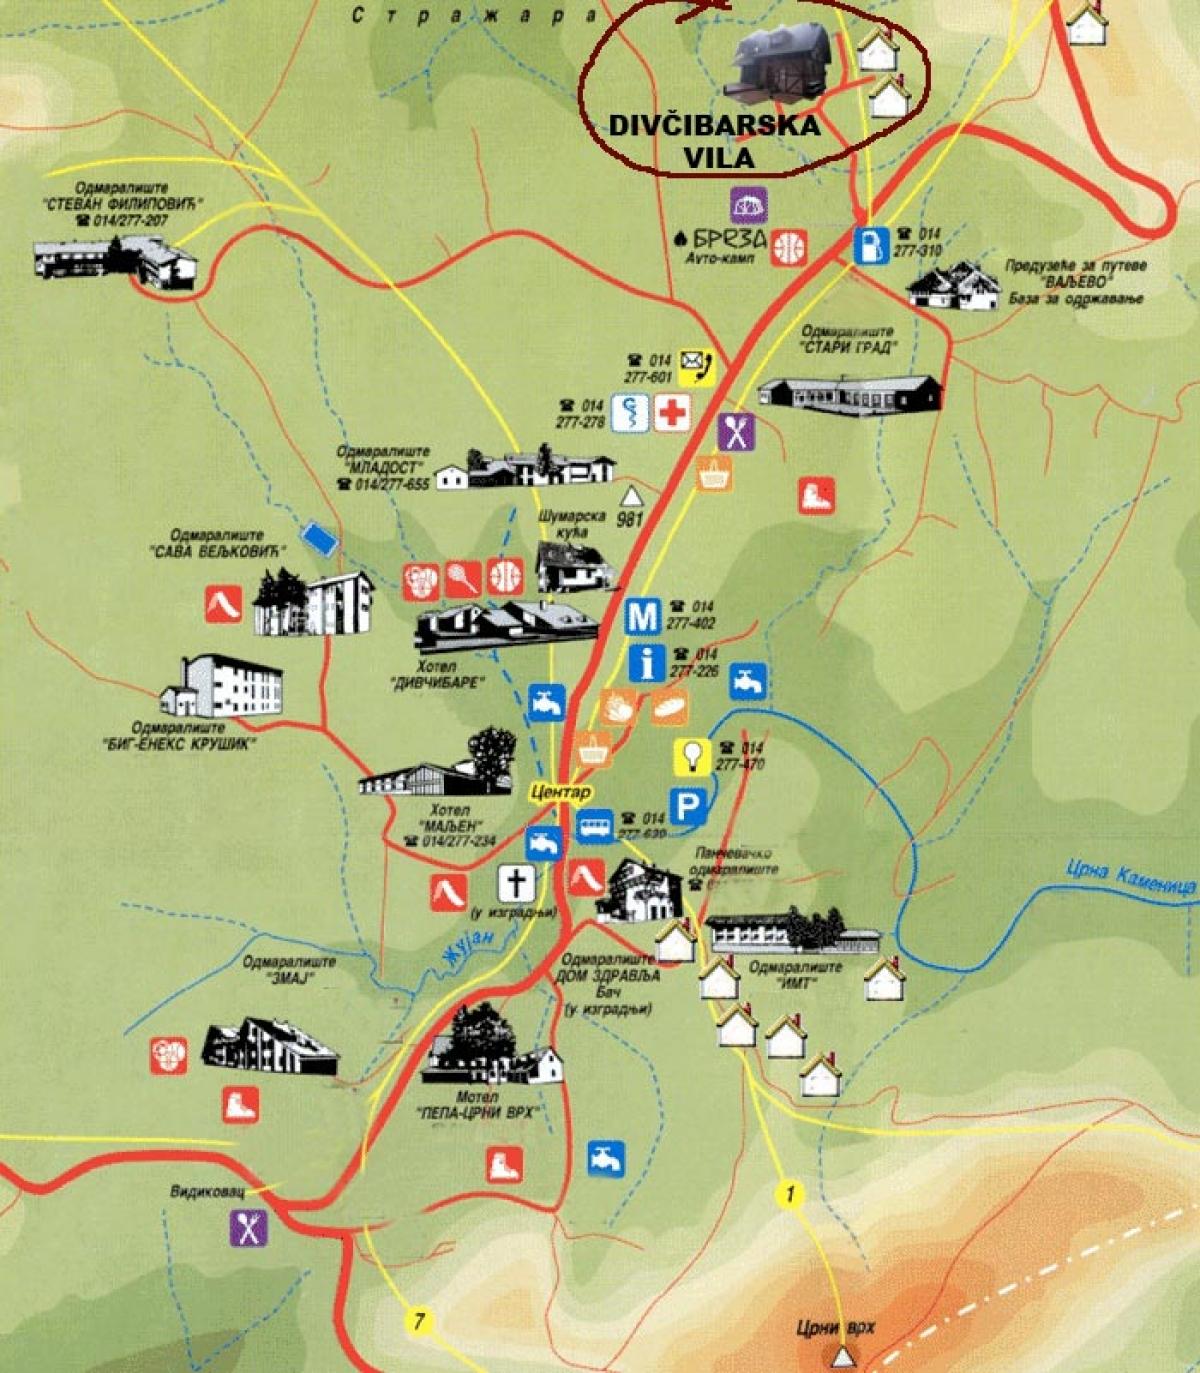 divcibare mapa srbije Divčibare » Skijanje.rs divcibare mapa srbije